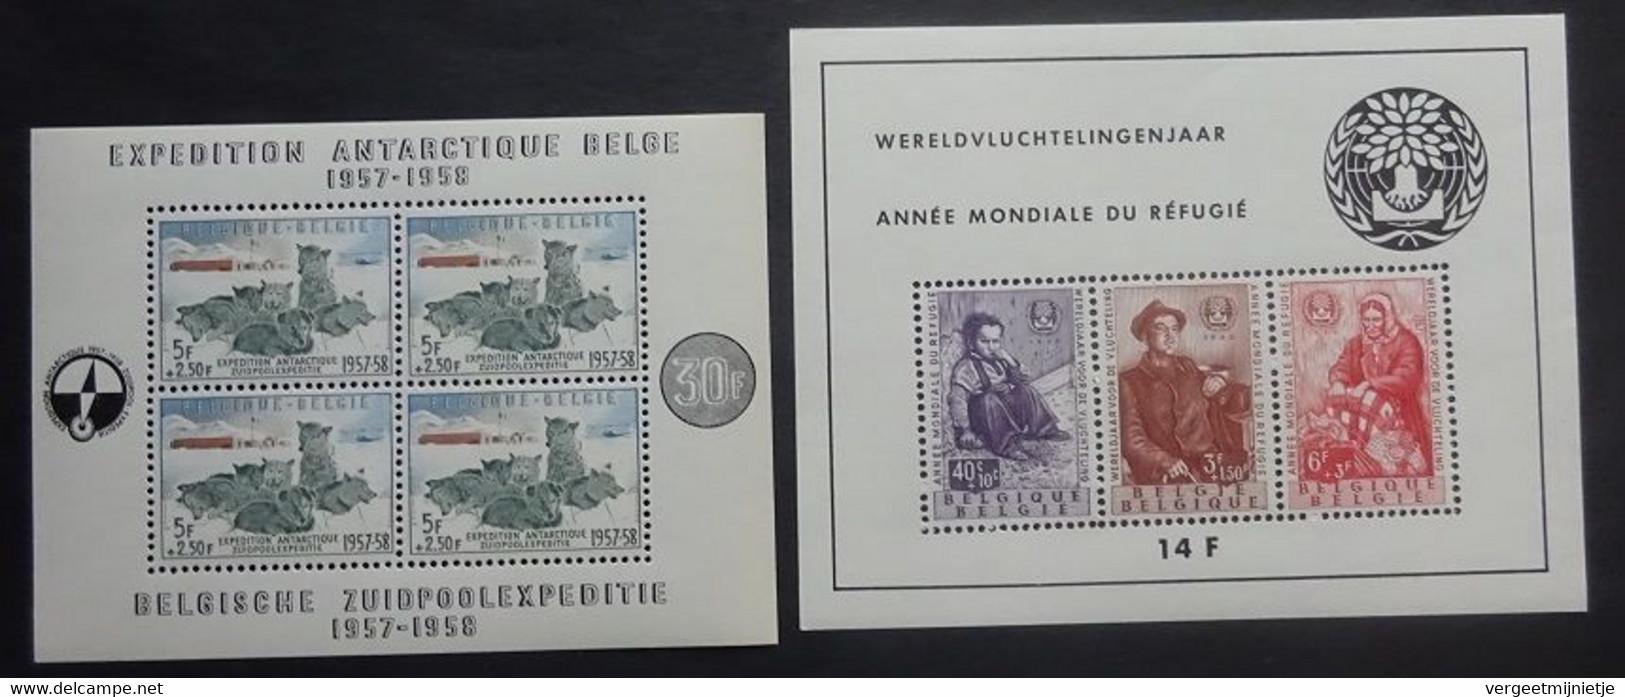 BELGIE  1957-60   Blok 31  'Zuidpoolexpeditie' +  Blok 32  'Vluchtelingen'   Postfris **   CW 265,00 - Blocks & Sheetlets 1962-....